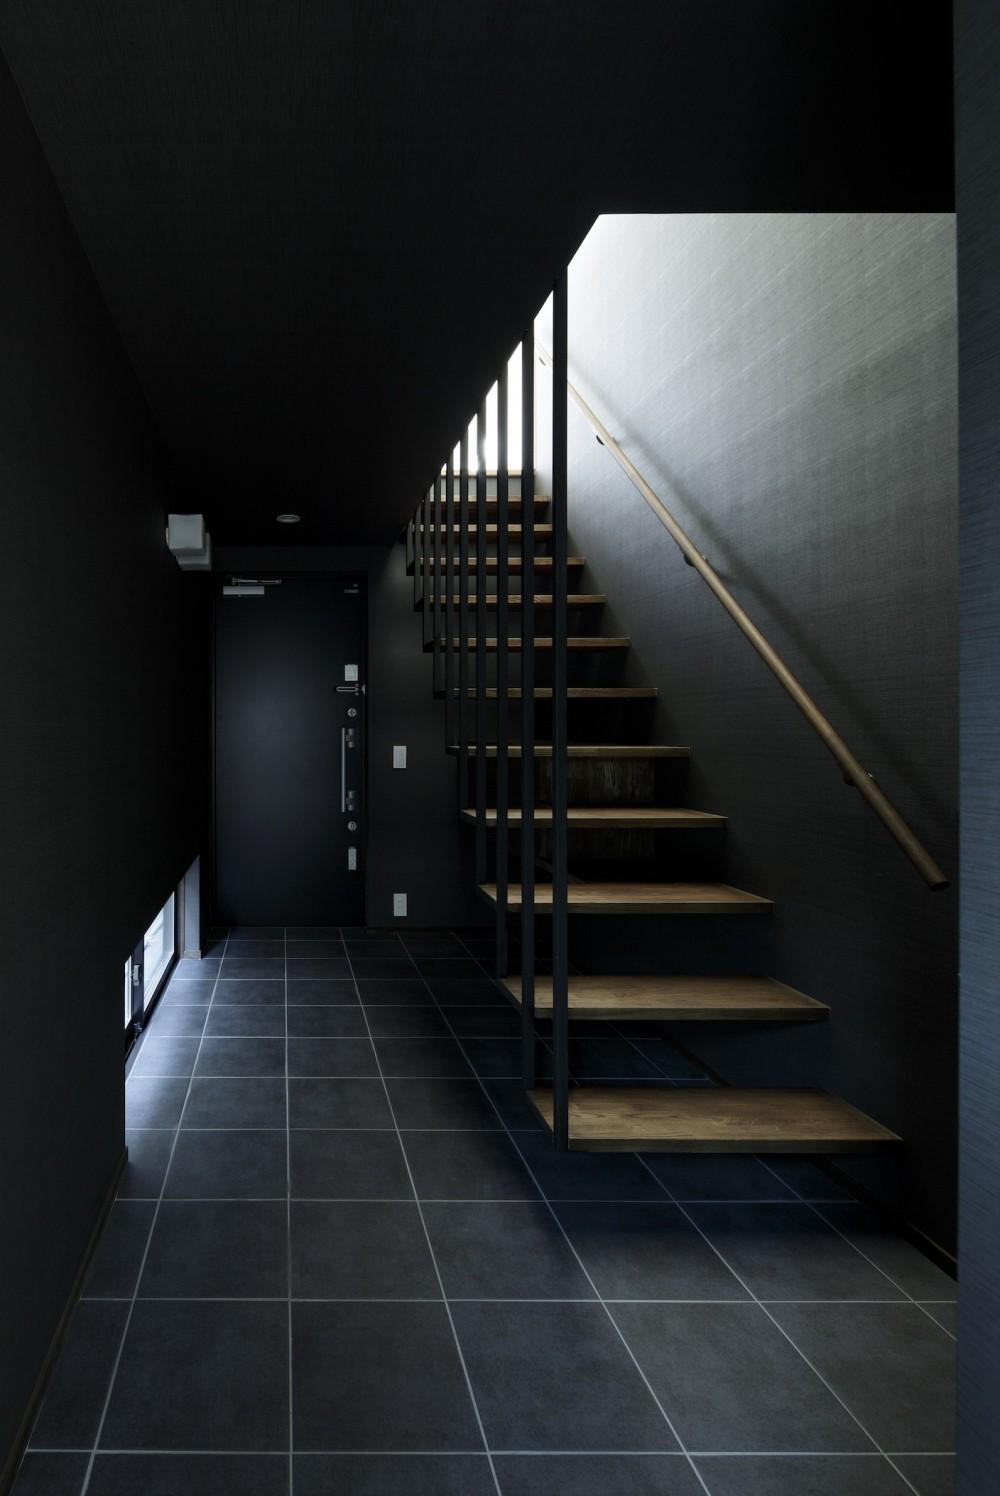 戸塚の家 (リビングに繋がるオープン型階段)